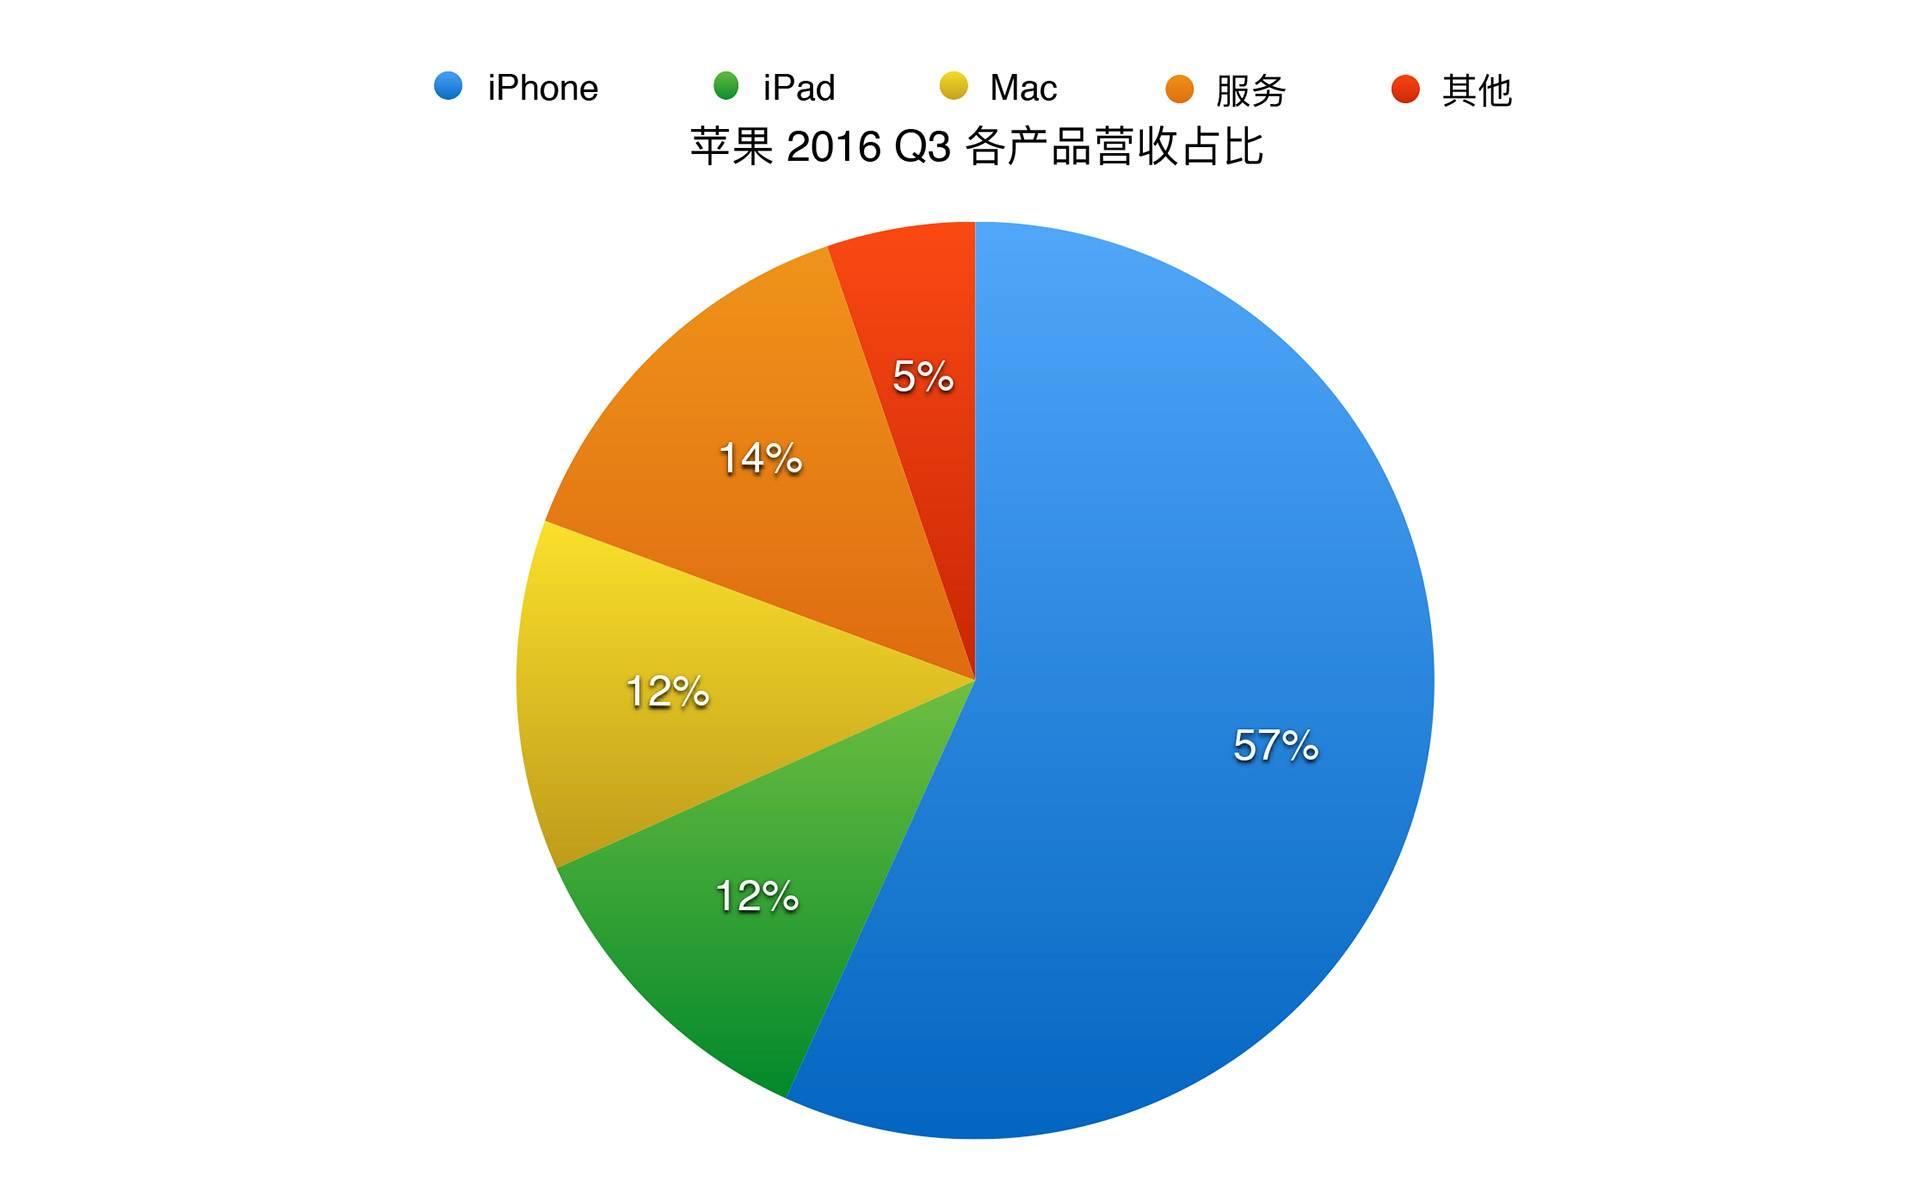 苹果 2016 Q3 各产品营收占比